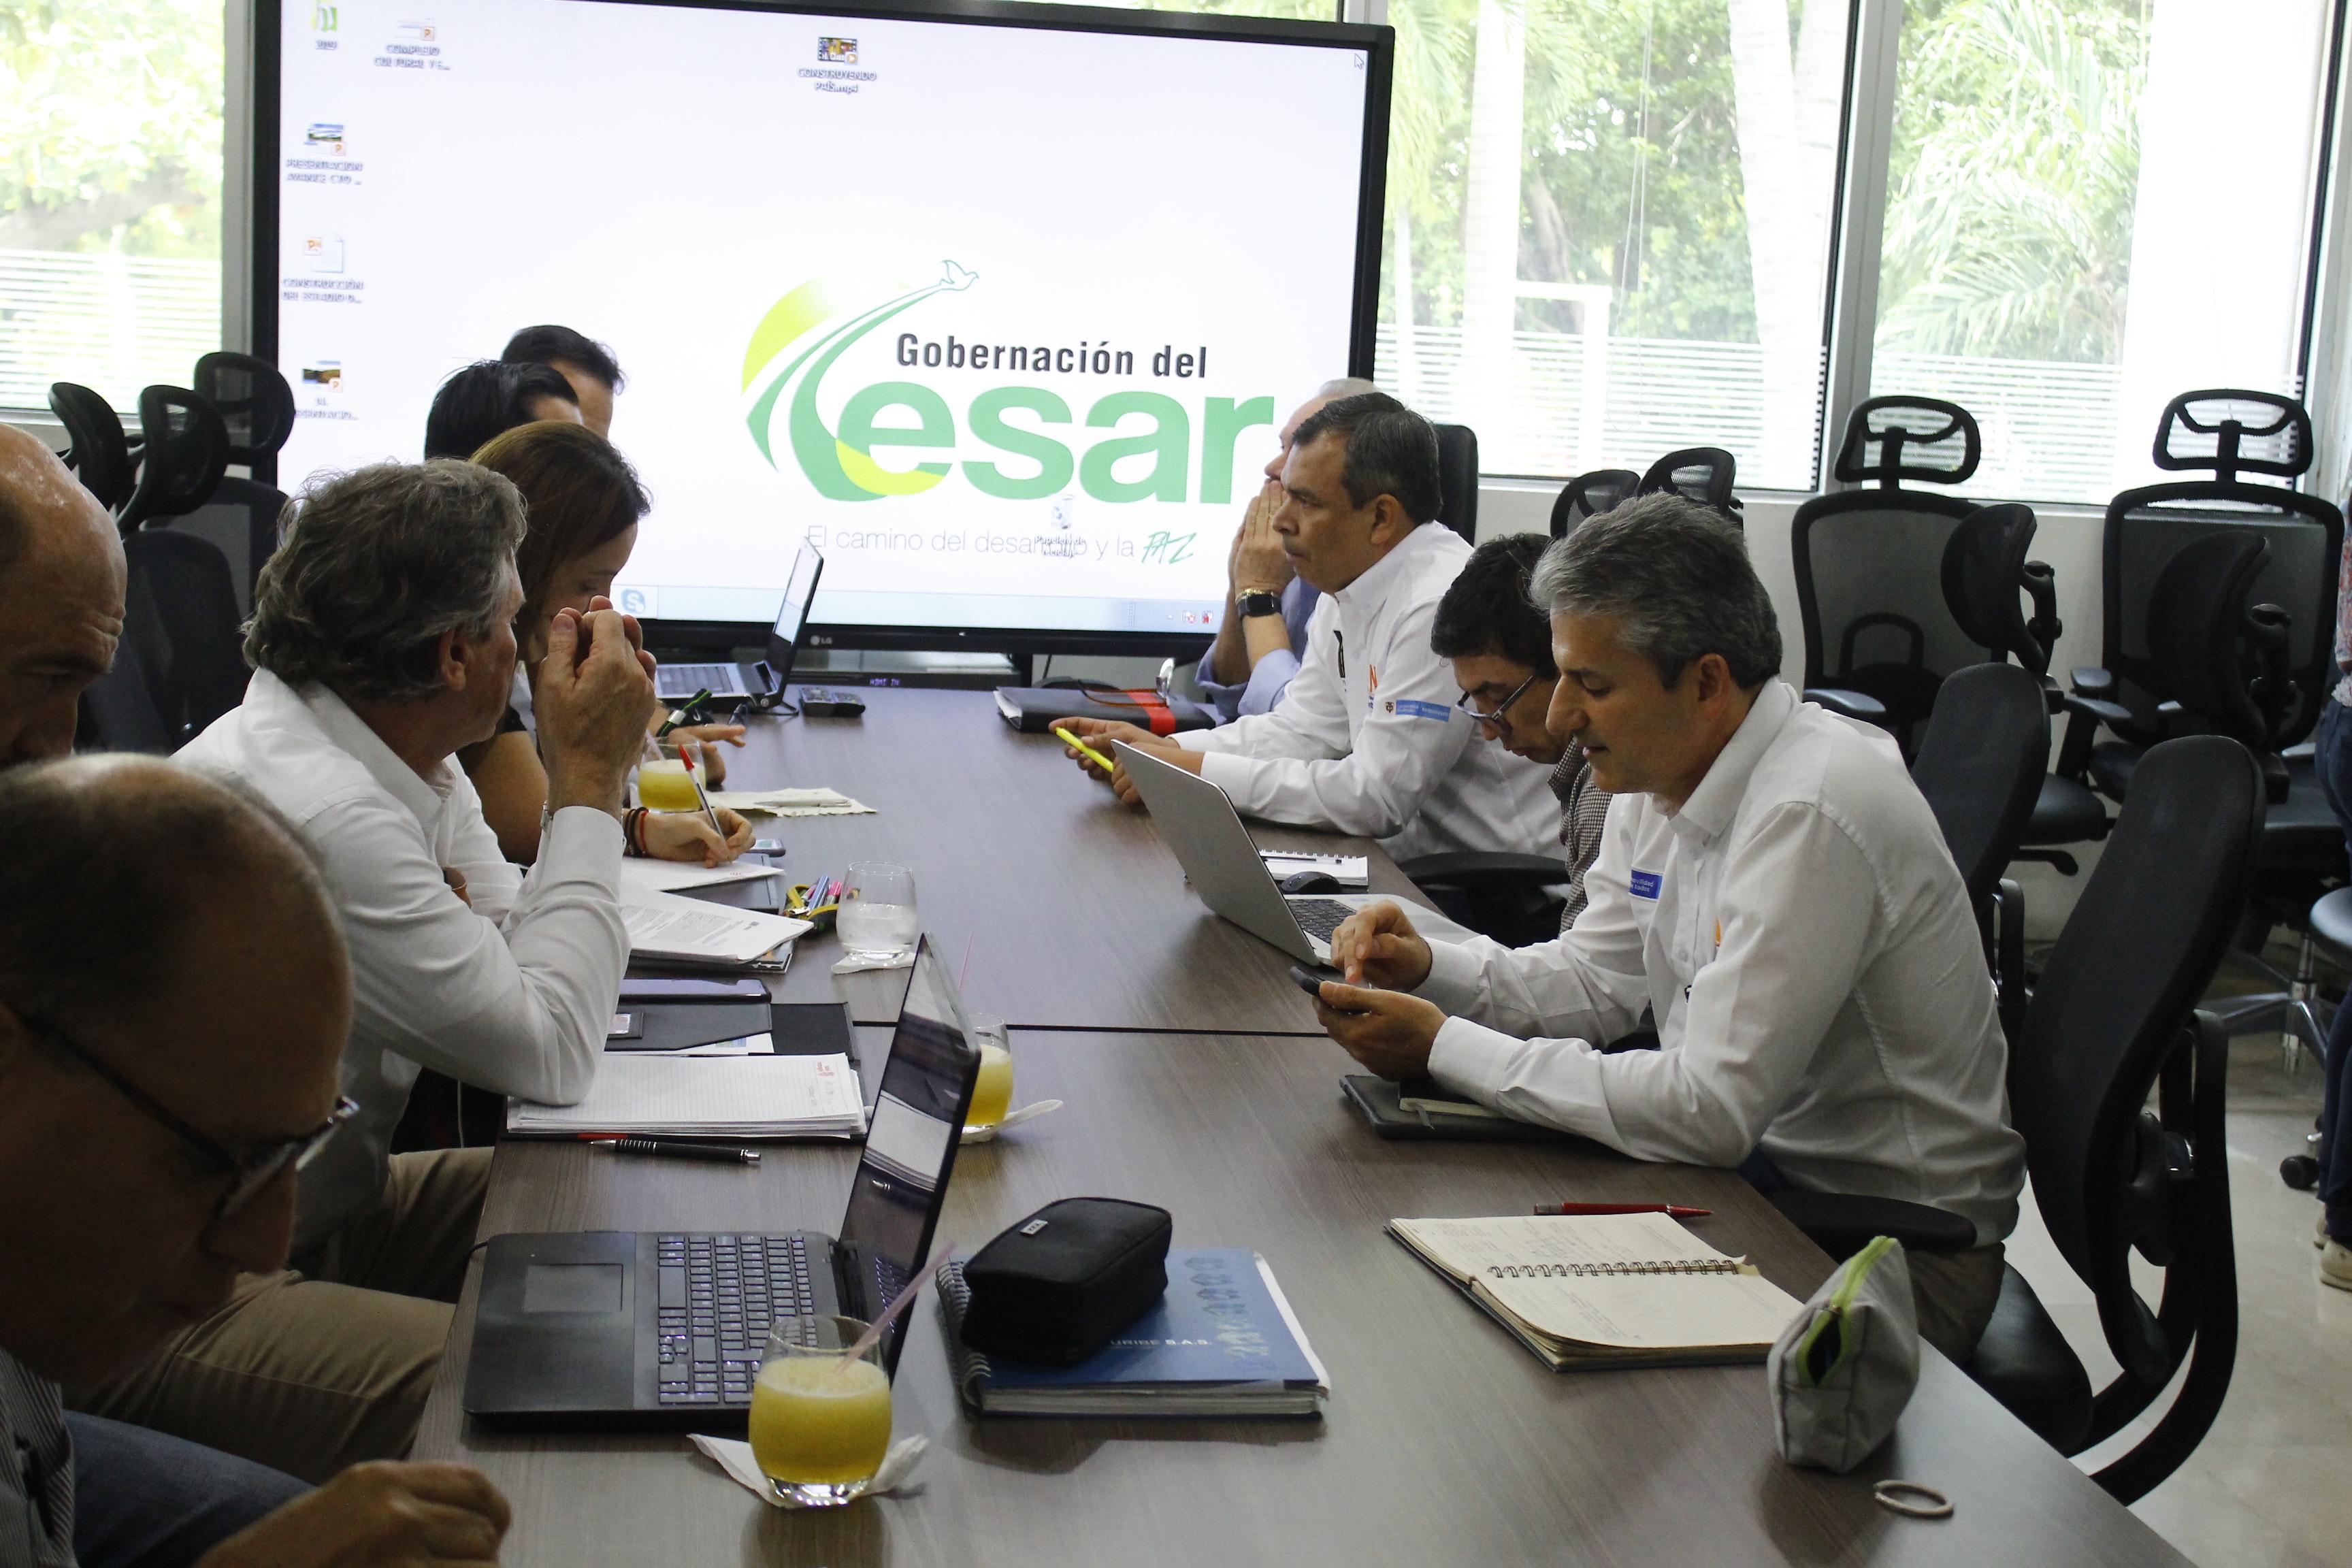 El vicepresidente ejecutivo de la Agencia Nacional de Infraestructura, ANI, Carlos Alberto García Montes, dio pormenores del Otro Sí o acuerdo que destrabaría la Ruta del Sol, sector 3.  Foto: Joaquín Ramírez.